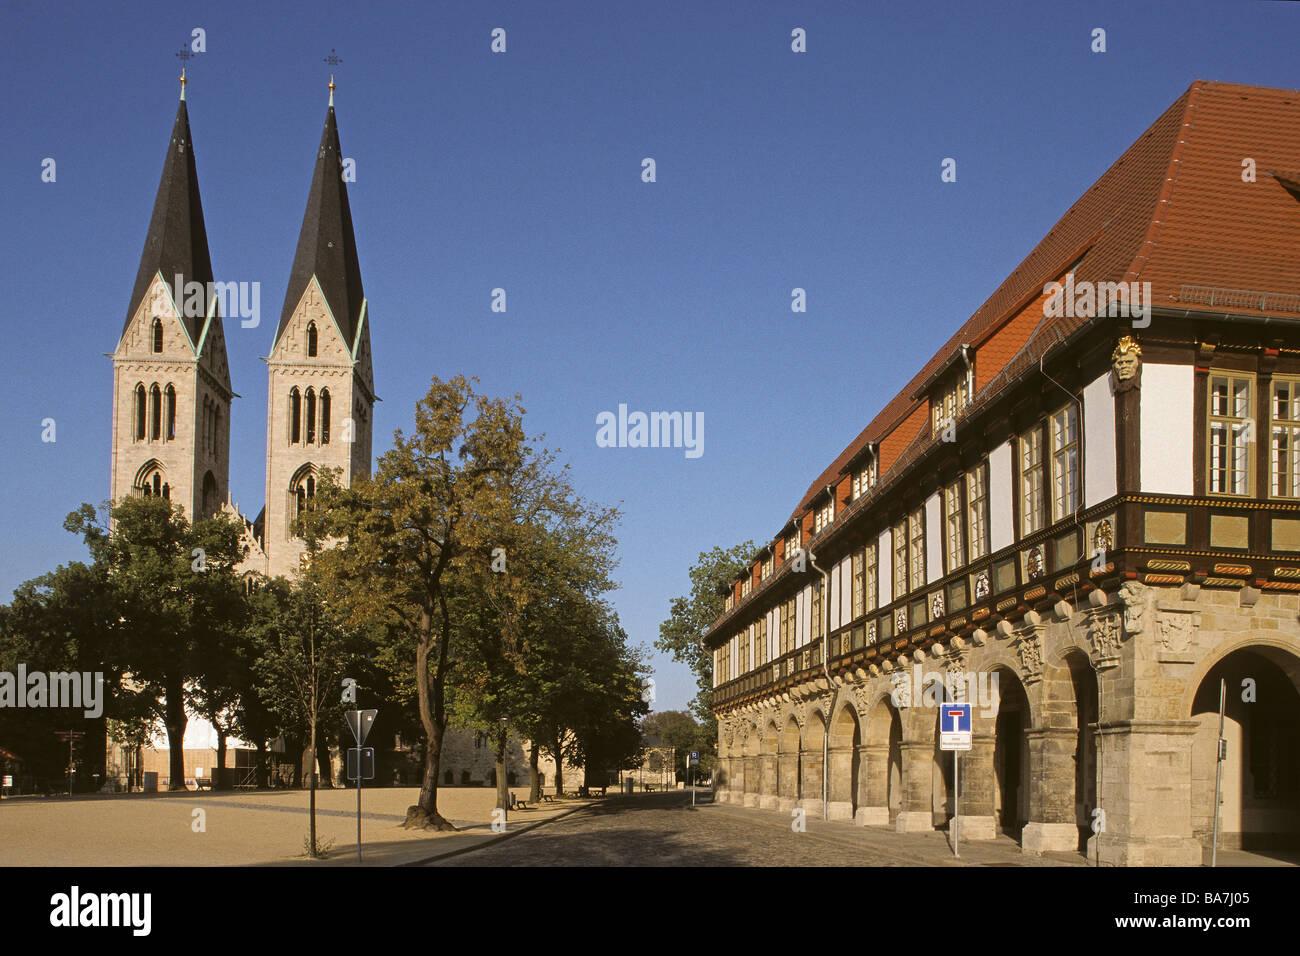 Domplatz, Domplatz, Halberstadt, Harz Mountains, Deutschland Stockbild